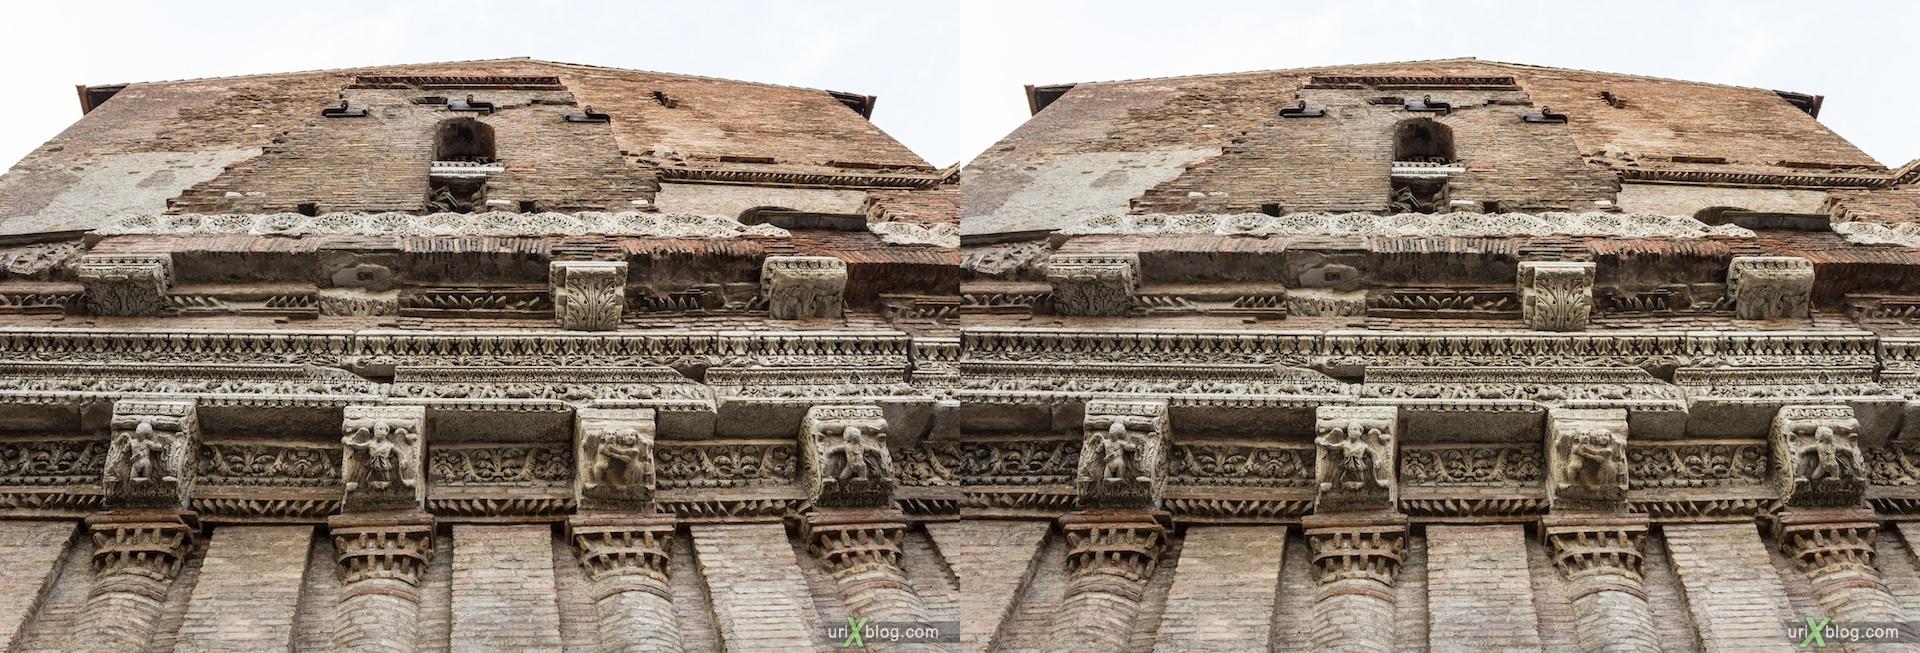 2012, здание Casa Dei Crescenzi, улица Luigi Petroselli, Рим, Италия, осень, 3D, перекрёстные стереопары, стерео, стереопара, стереопары